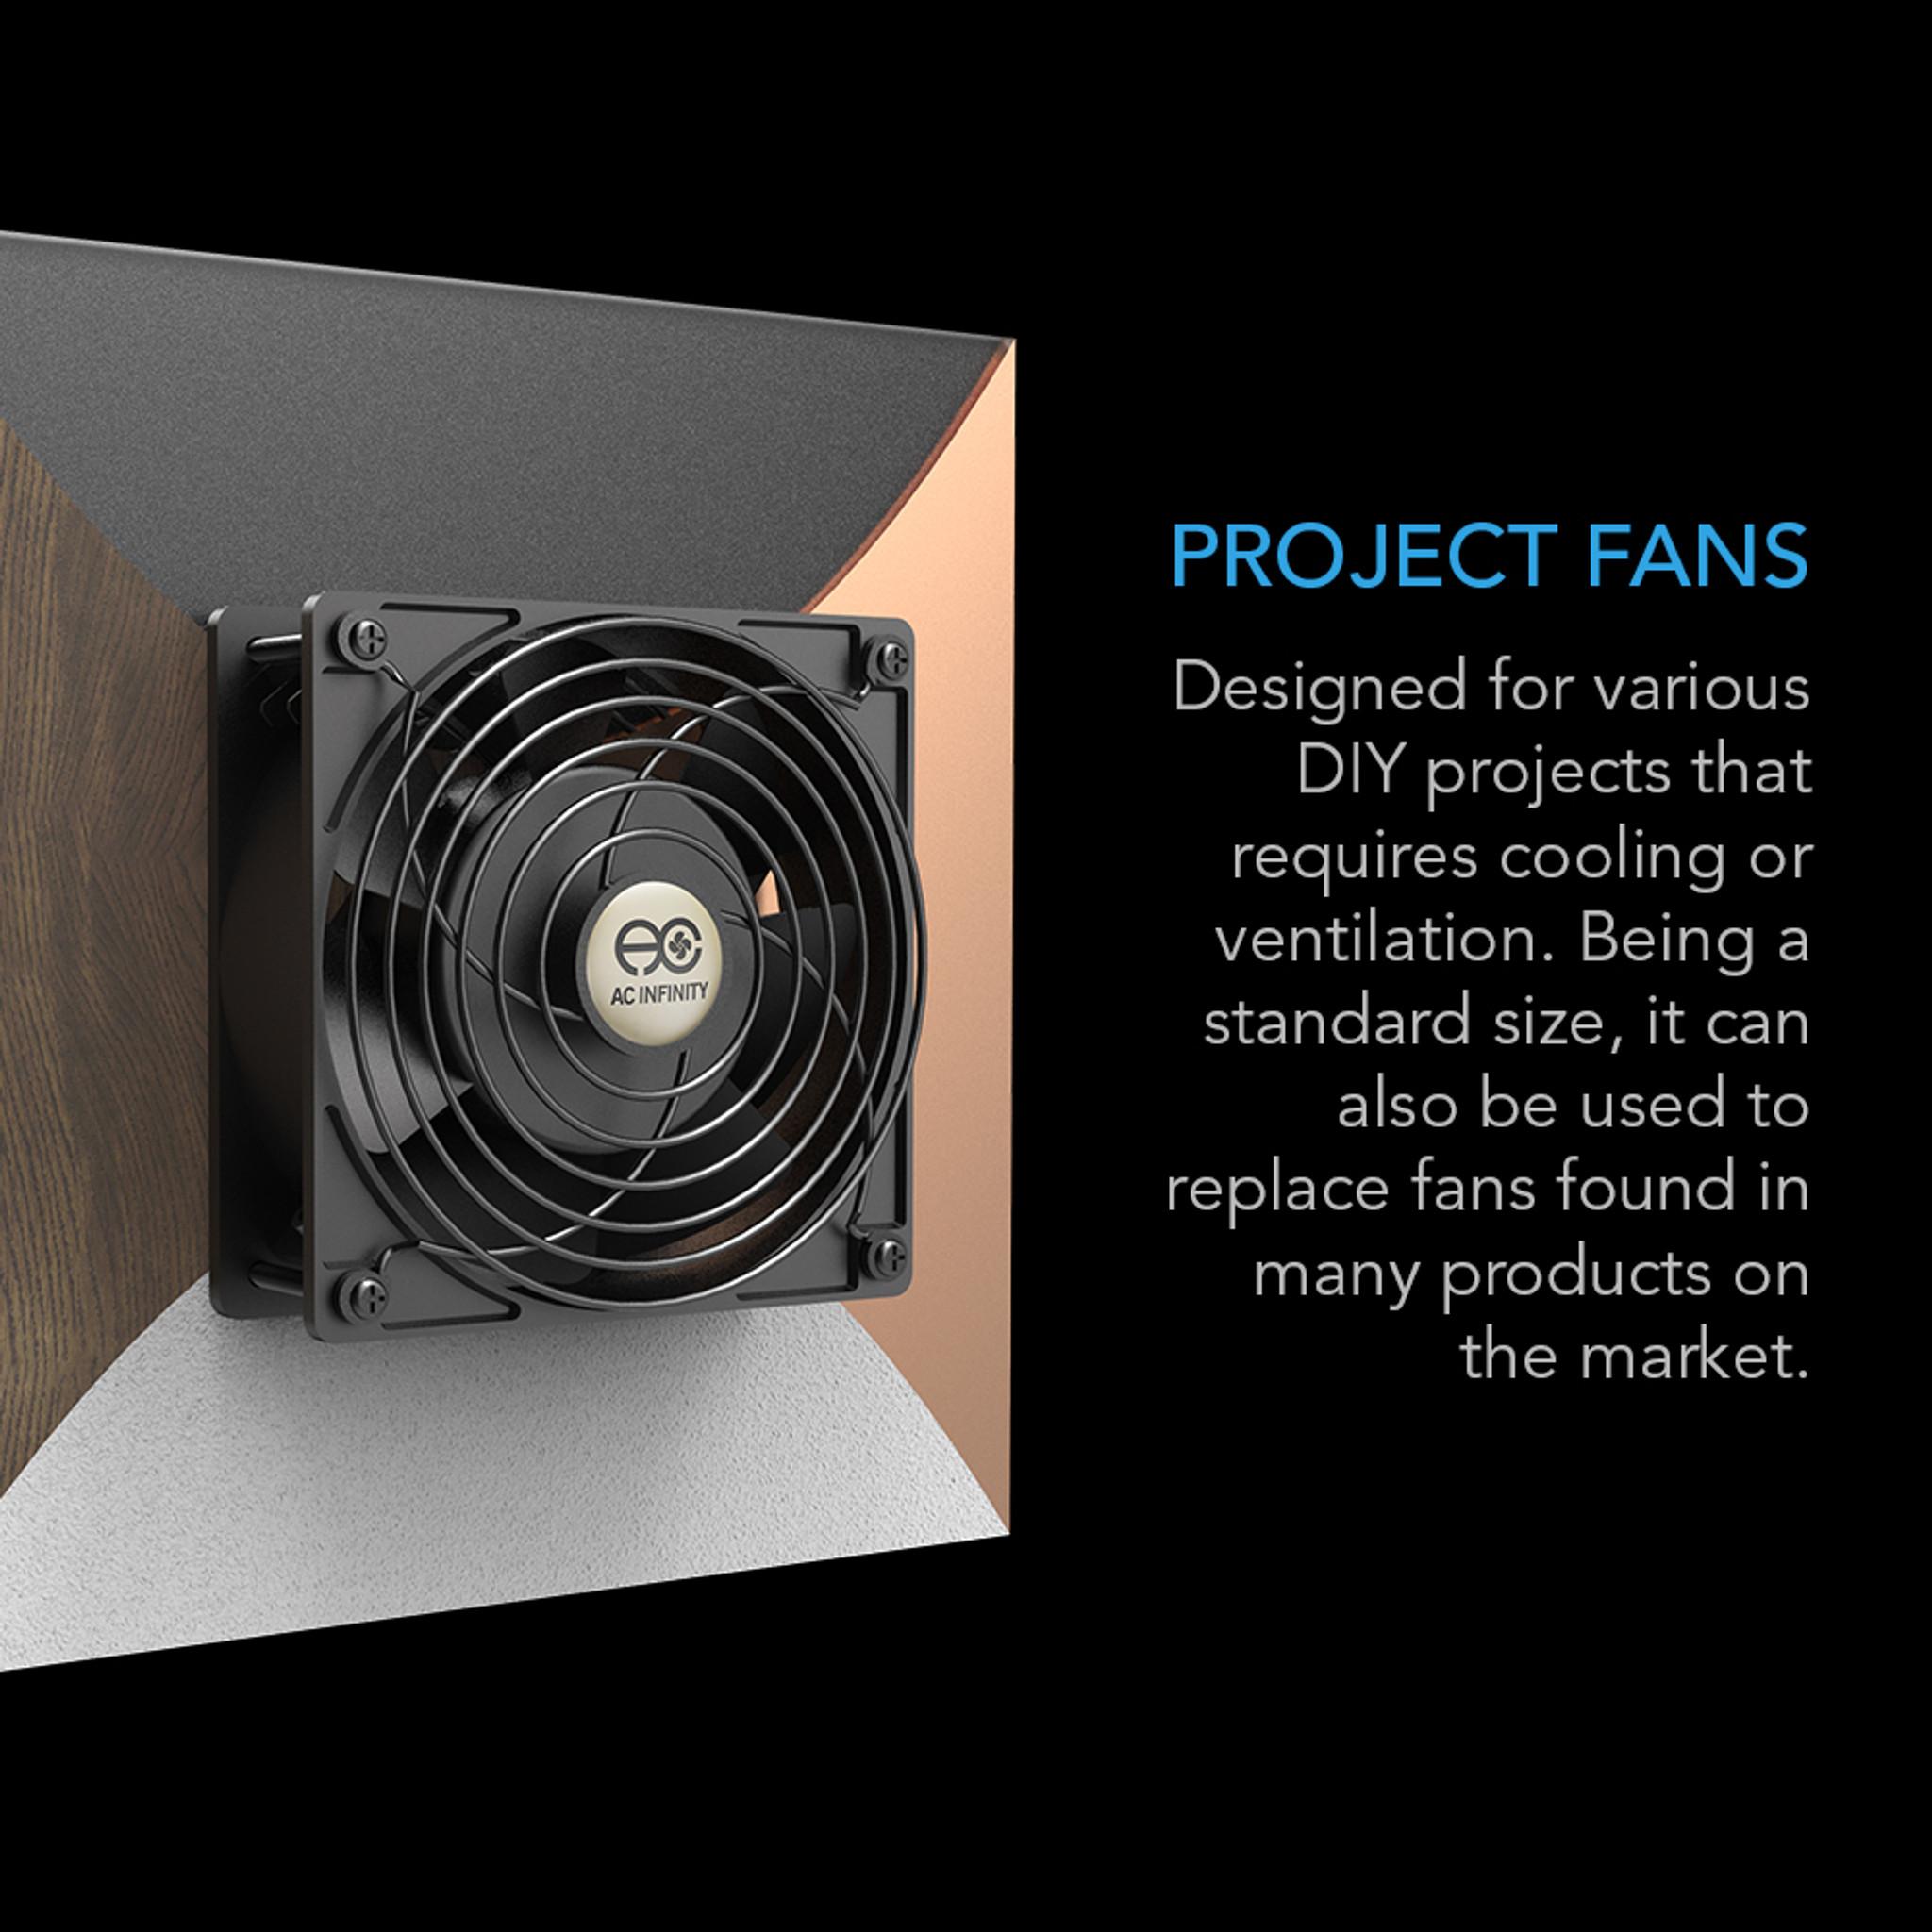 Ventilateur AC Axial 115vac 144,41m3//h 120x120x38mm 48dba sp101a1123hst.gn AC-airs